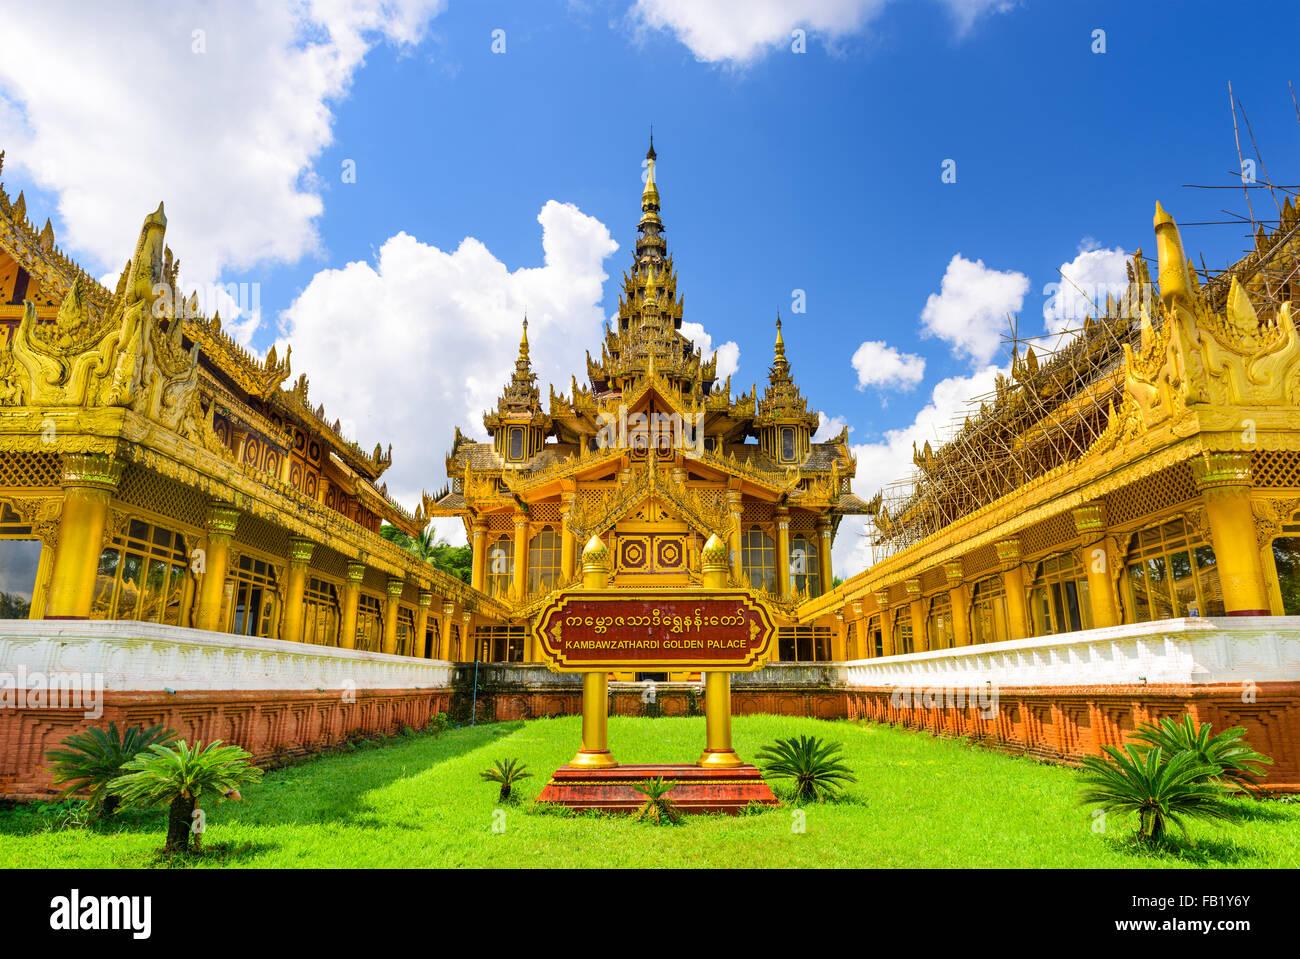 Bago, Myanmar at Kambawzathardi Golden Palace. Stock Photo